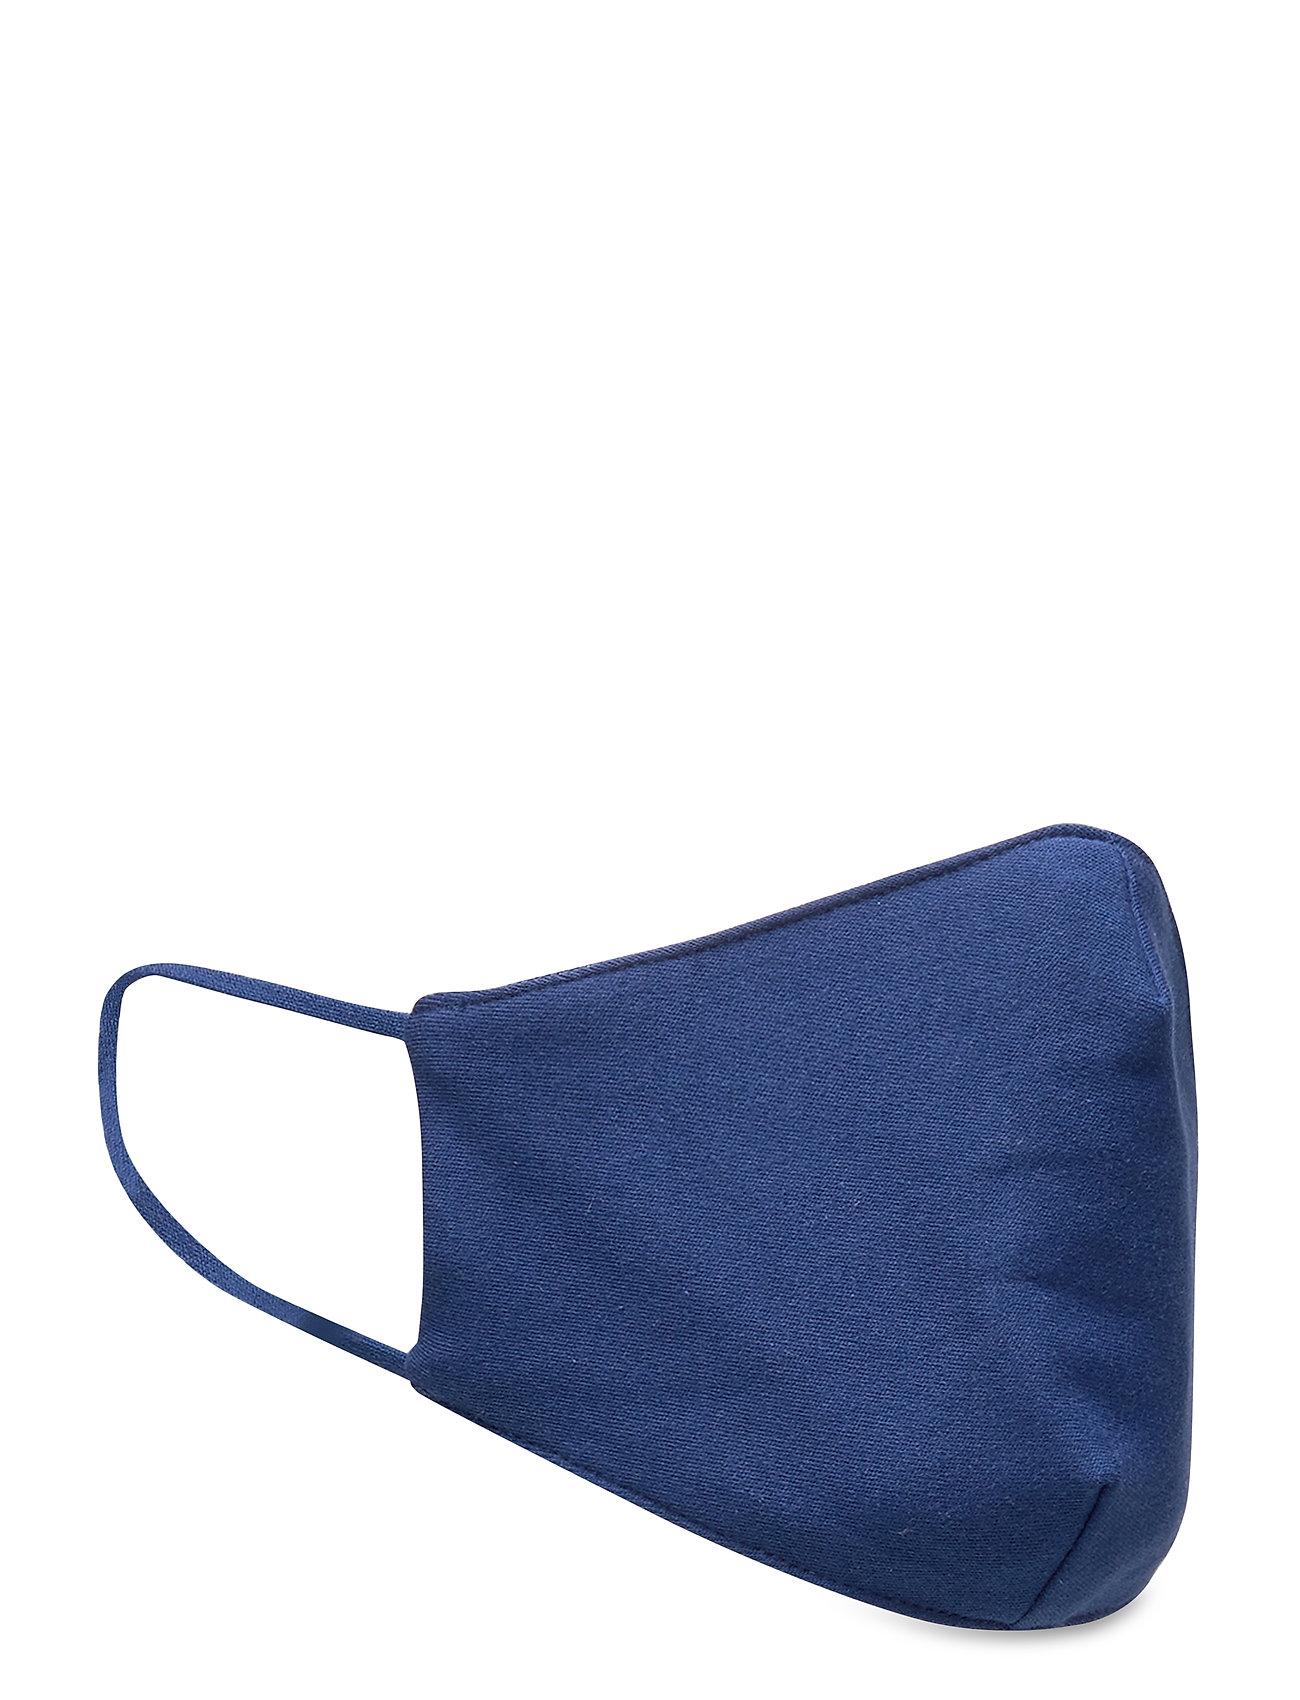 Image of Face Mask Accessories Face Masks Blå Tom Tailor (3430127339)